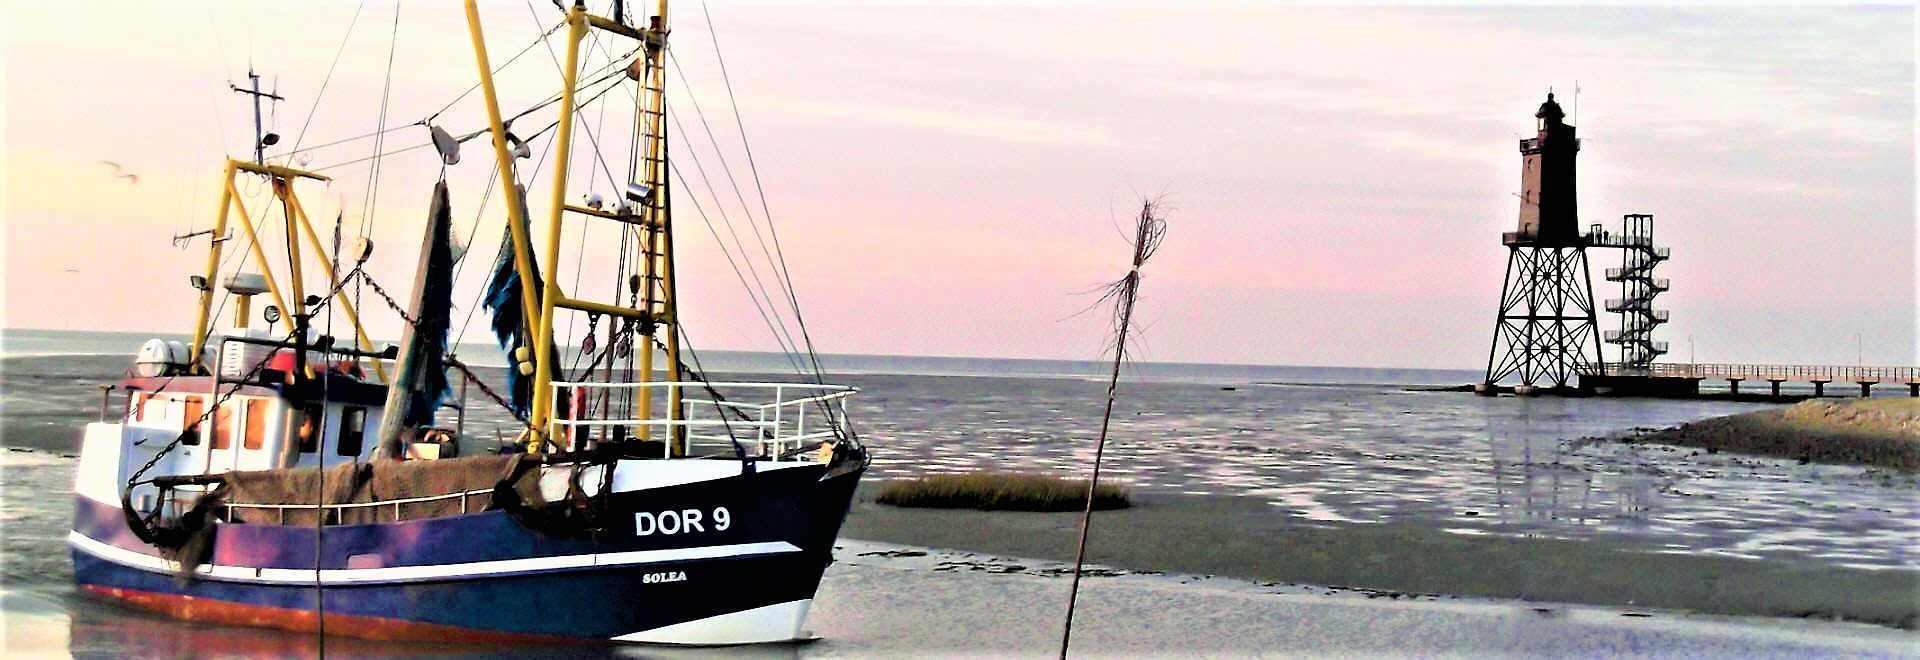 Kutter in der Hafeneinfahrt von Dorum-Neufeld